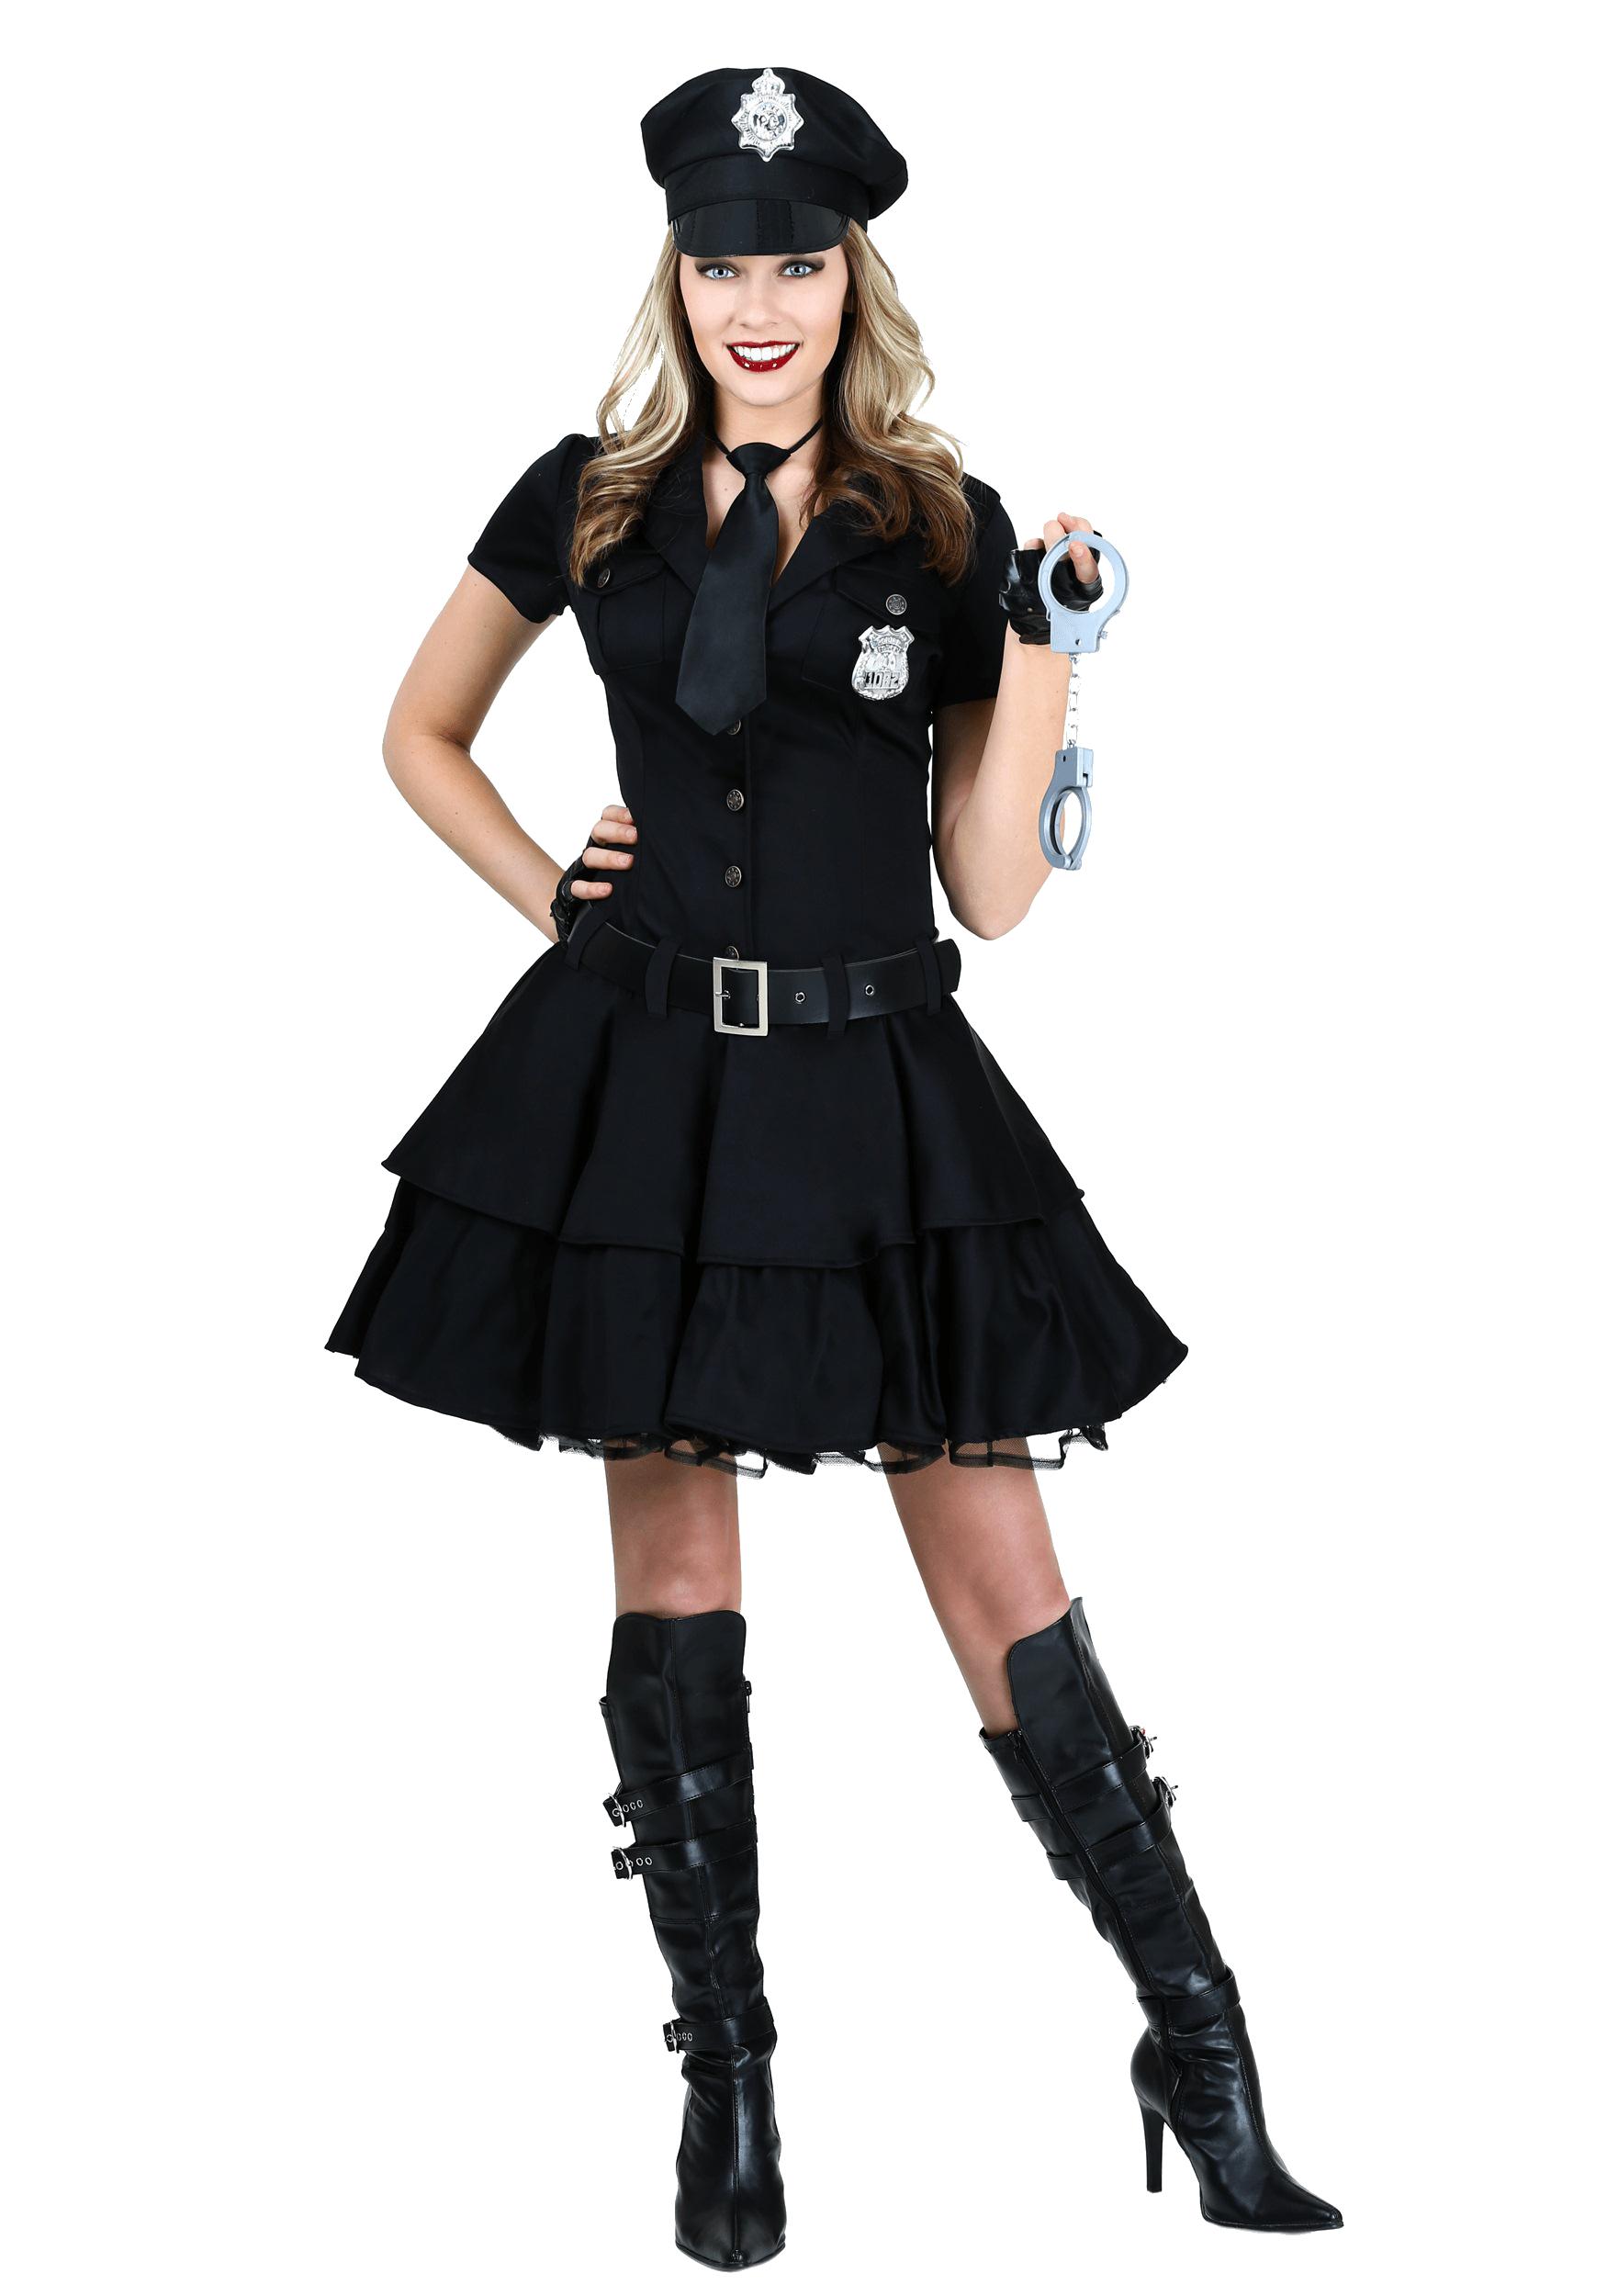 Halloween Costume Download PNG